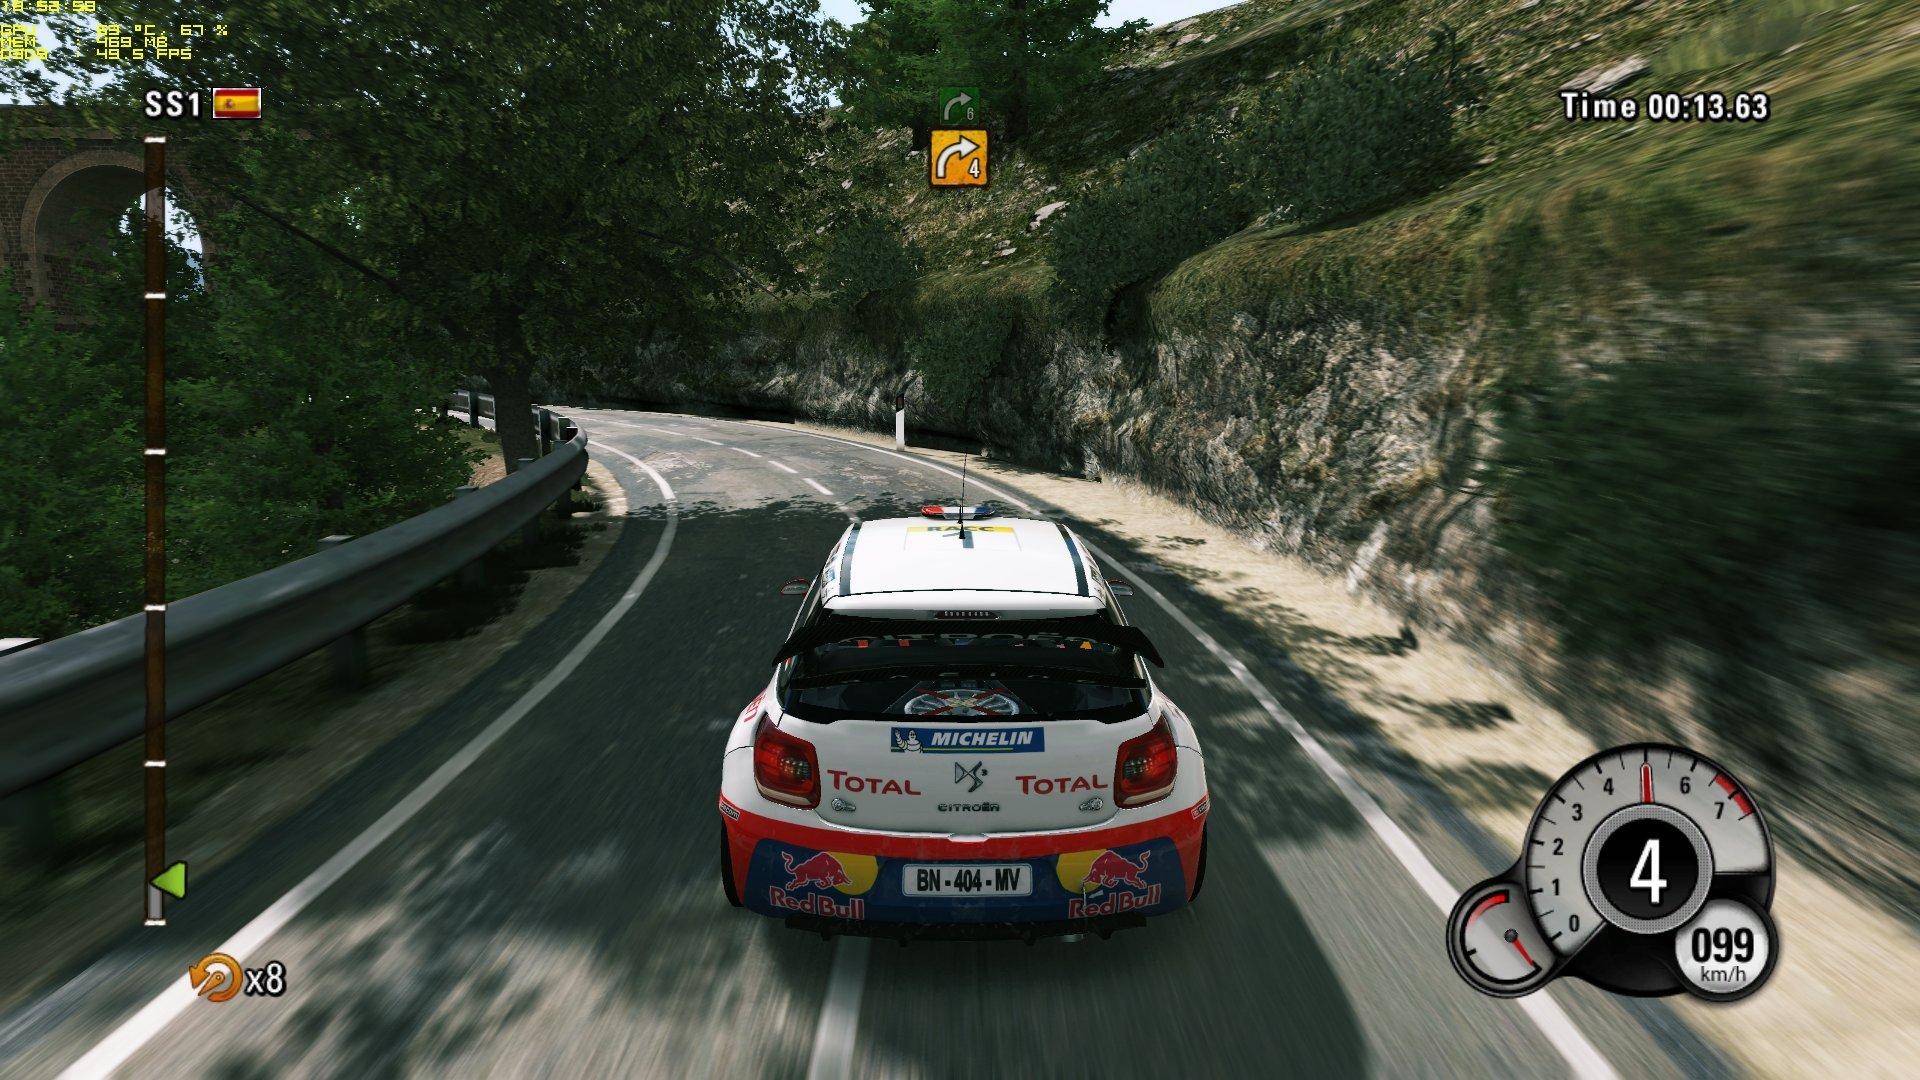 حصريا لعبة | WRC 3 FIA World Rally Championship | برابط مباشر و سريع Wrc-3-screenshot-02-rally-spain